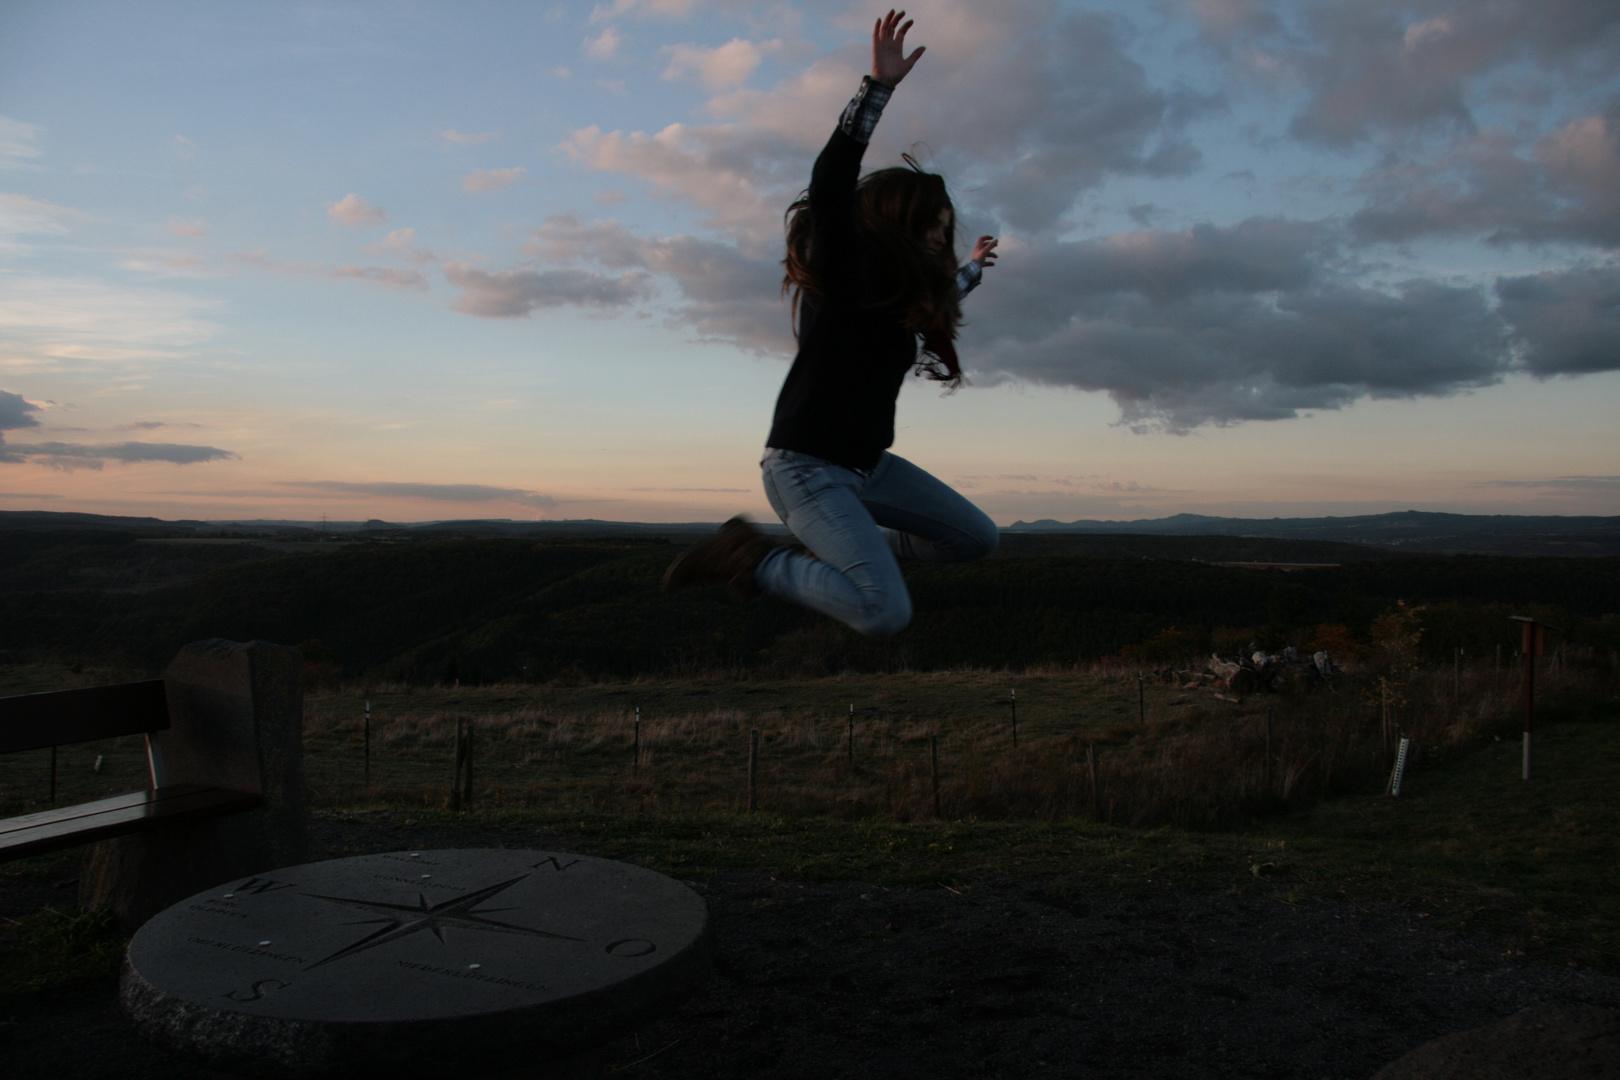 Komm und hilf mir fliegen, leih mir deine Flügel :) !